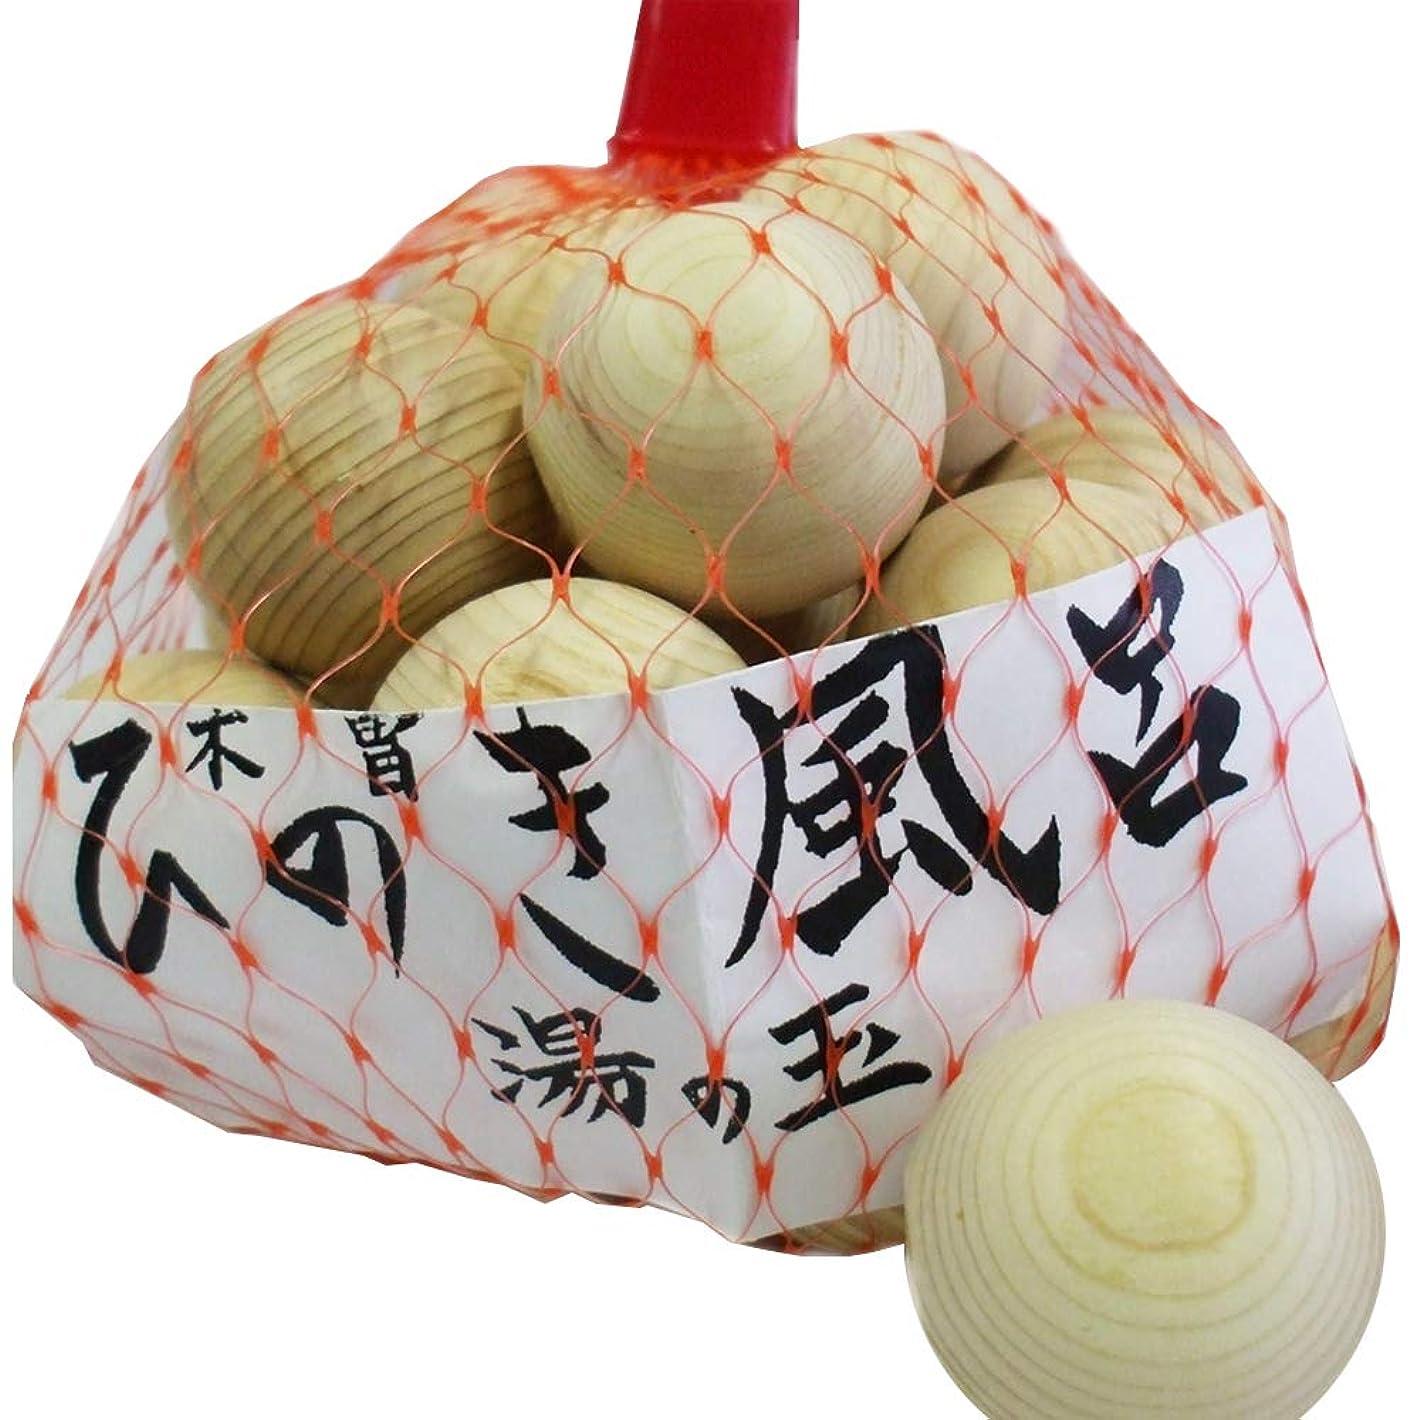 皮肉夫婦噂清清しい香り 天然木曽ひのき製 【 檜 湯だま 20個入】 日本製 池田木材